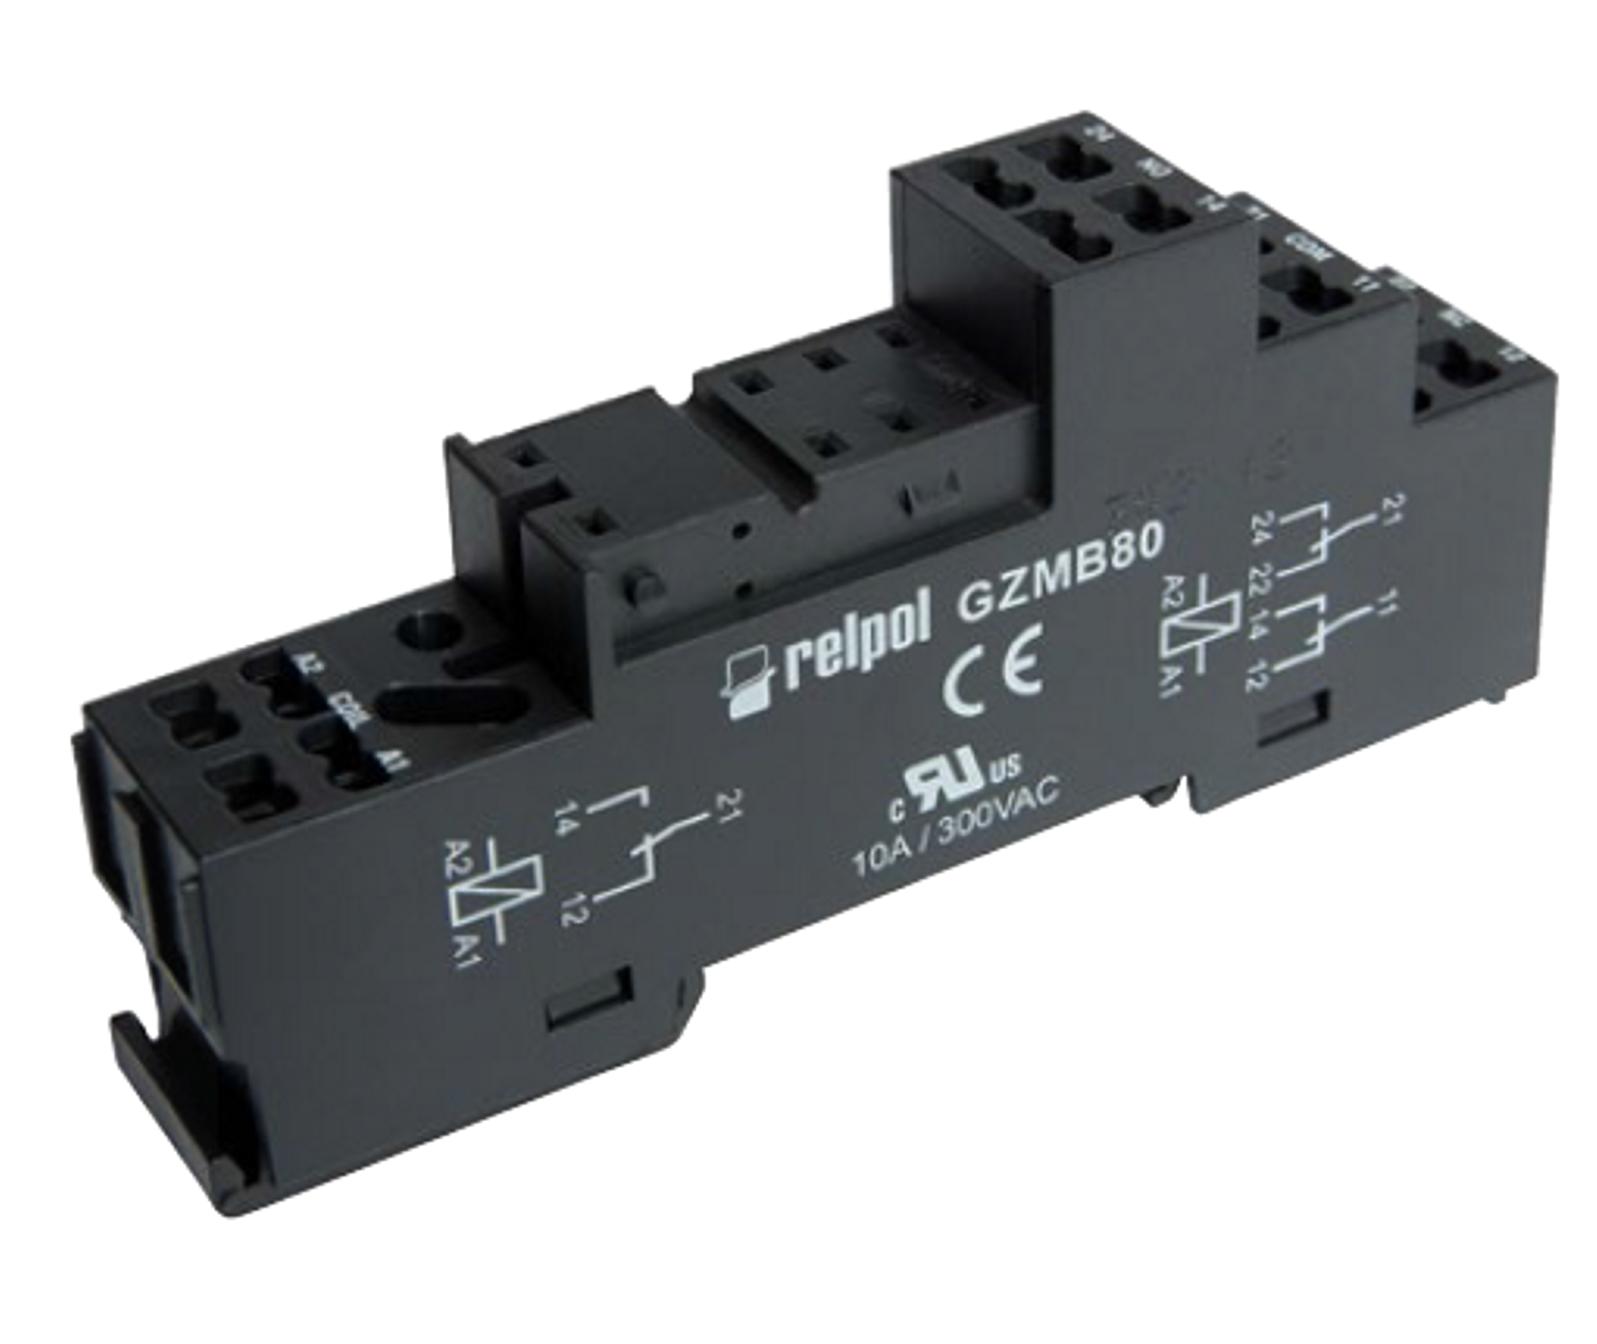 GZMB80 - Relpol